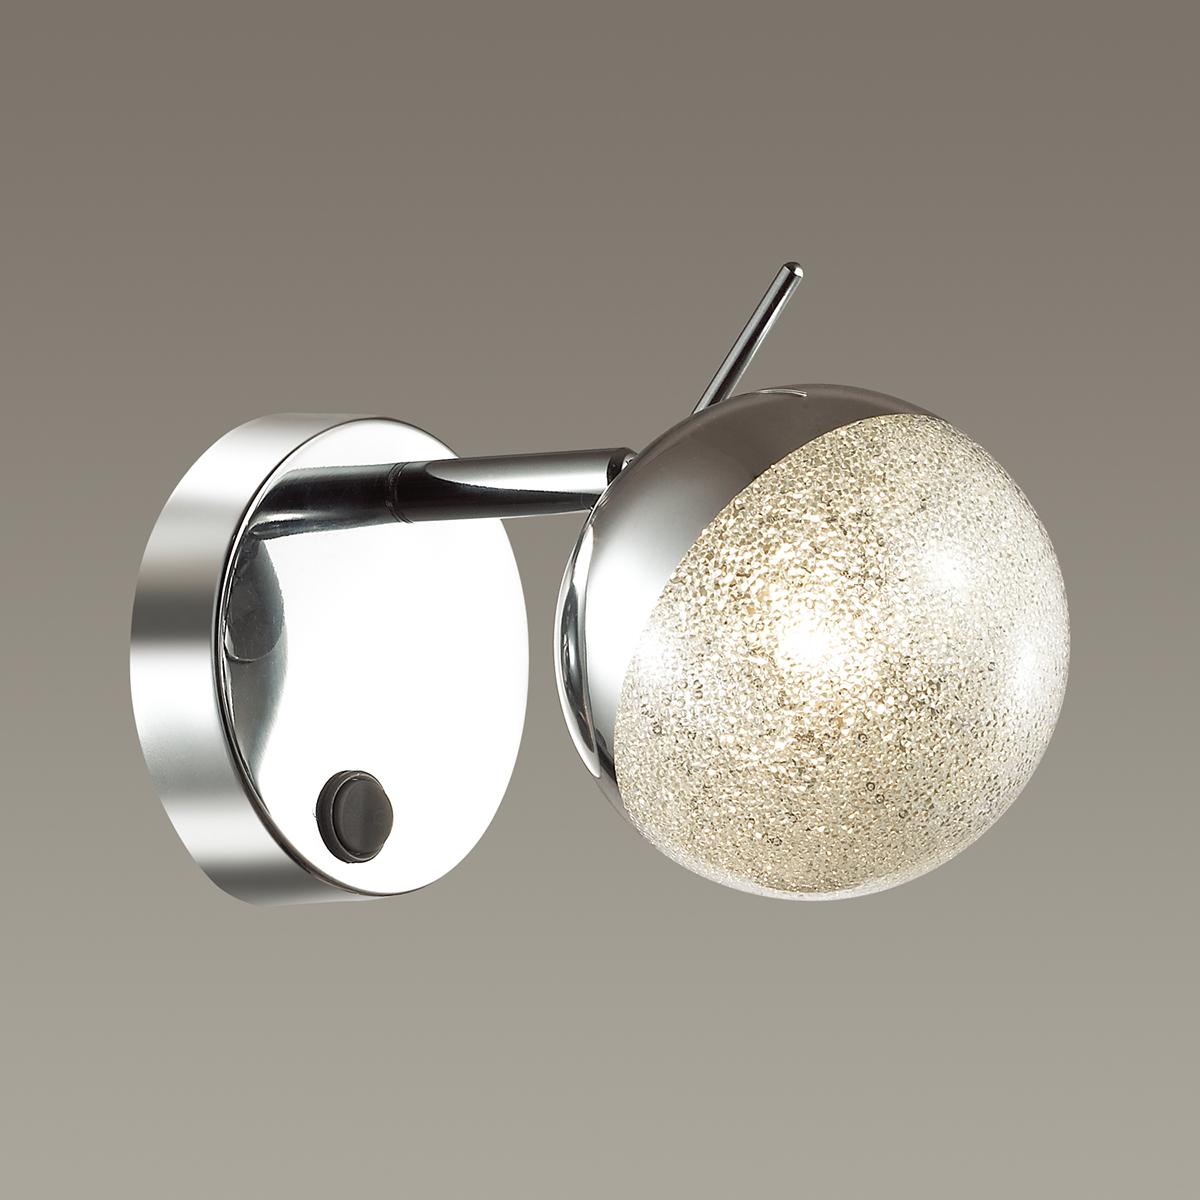 Настенный светильник с регулировкой направления света Lumion Gala 3632/1W, хром, матовый, металл, стекло - фото 3